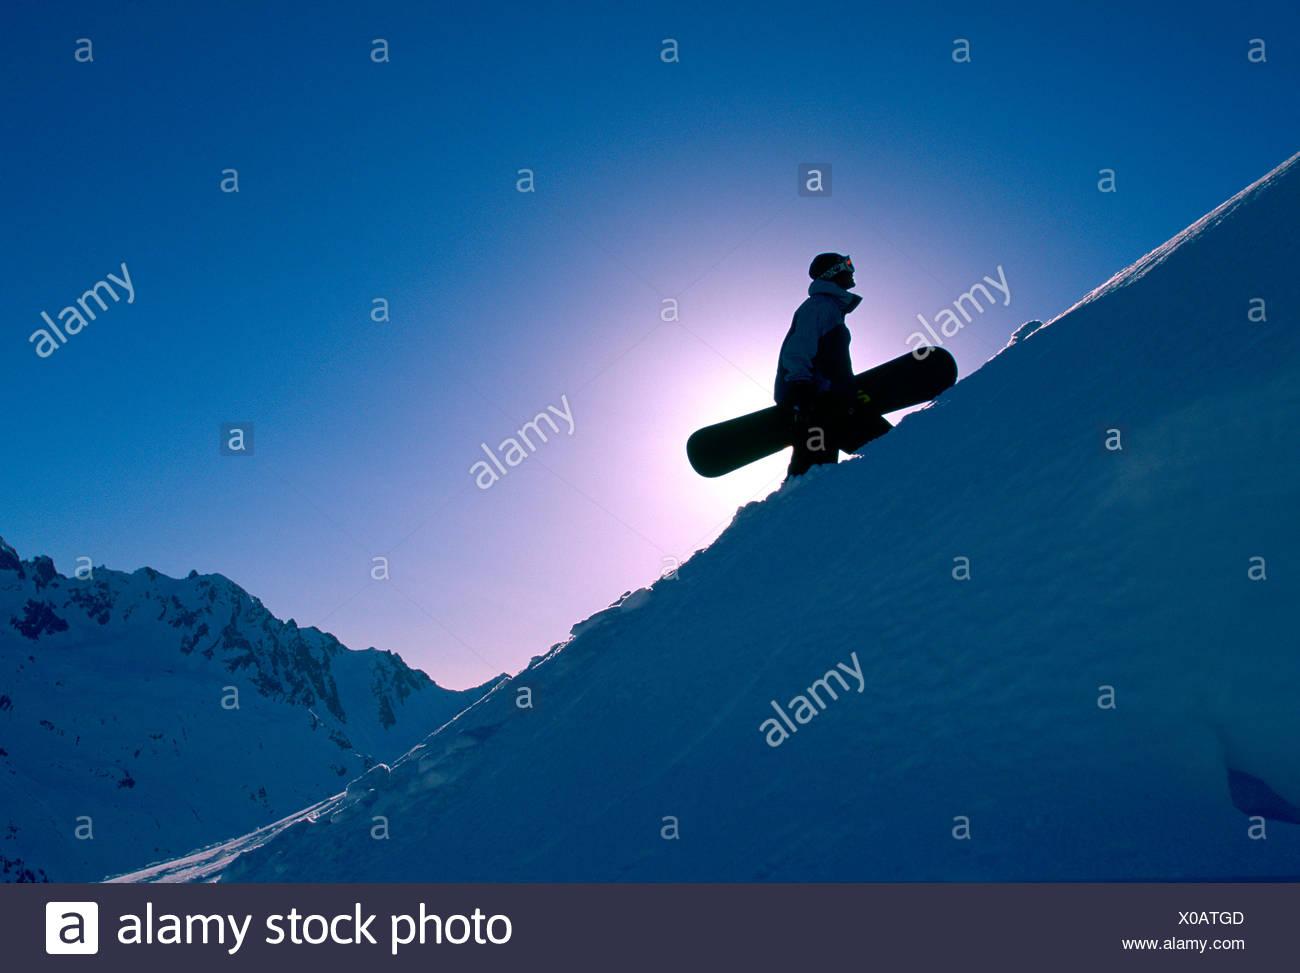 Backlit snowboarder hiking uphill, Chamonix, France - Stock Image